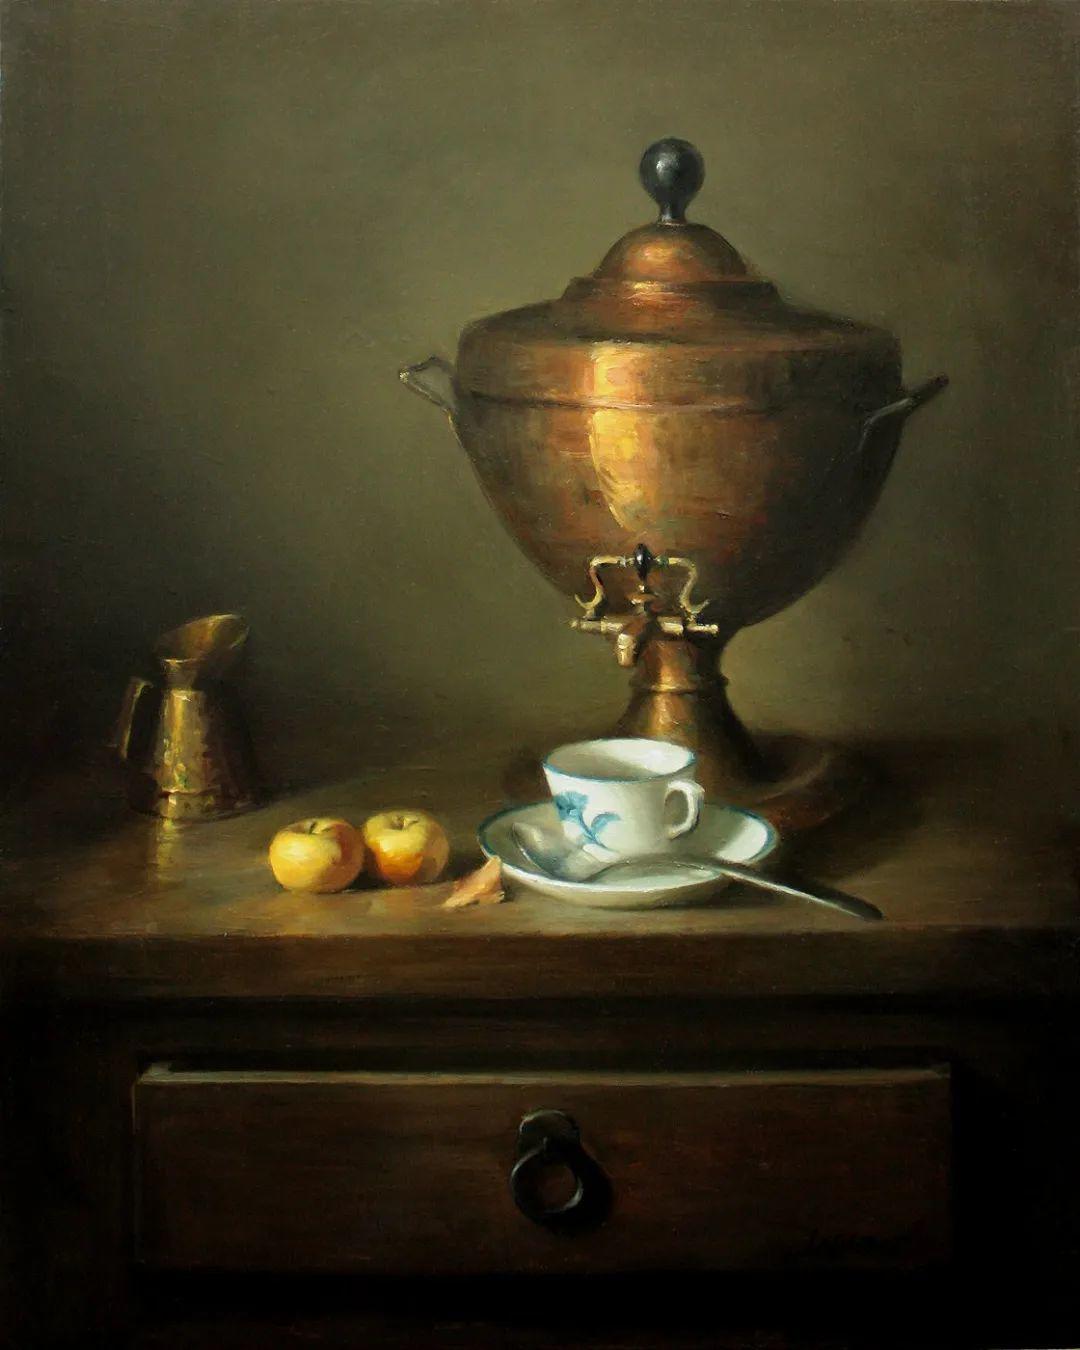 水果与静物,美国女画家莉亚·洛佩兹画选插图1